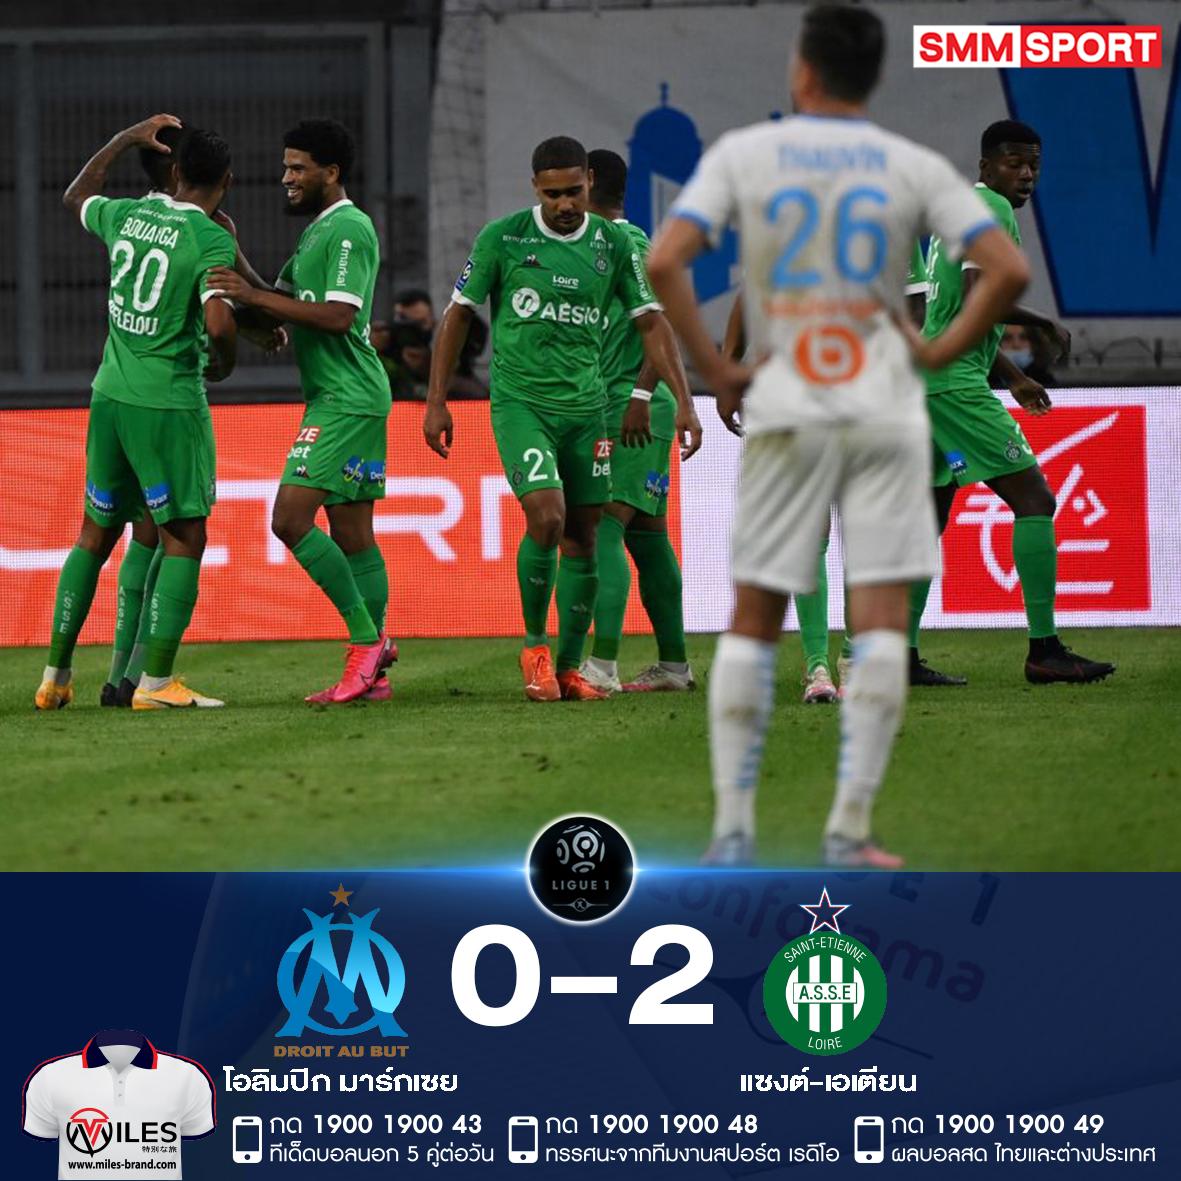 เอเตียน ทะยานนำฝูง! บุกขยี้ 'โอแอม' สตาร์ทซีซั่นสุดหรู ชนะ 3 นัดรวดแบบไม่เสียประตู  ⚽️ 0-1 : Romain Hamouma น.6 ⚽️ 0-2 : Denis Bouanga น.75  #สกอร์สด https://t.co/oSSZbpdUMC  #SMMSPORT #ลีกเอิง #Ligue1 🇫🇷 #โอลิมปิกมาร์กเซย #OlympiqueMarseille #แซงต์เอเตียน #SaintEtienne https://t.co/YCNuTDtZff